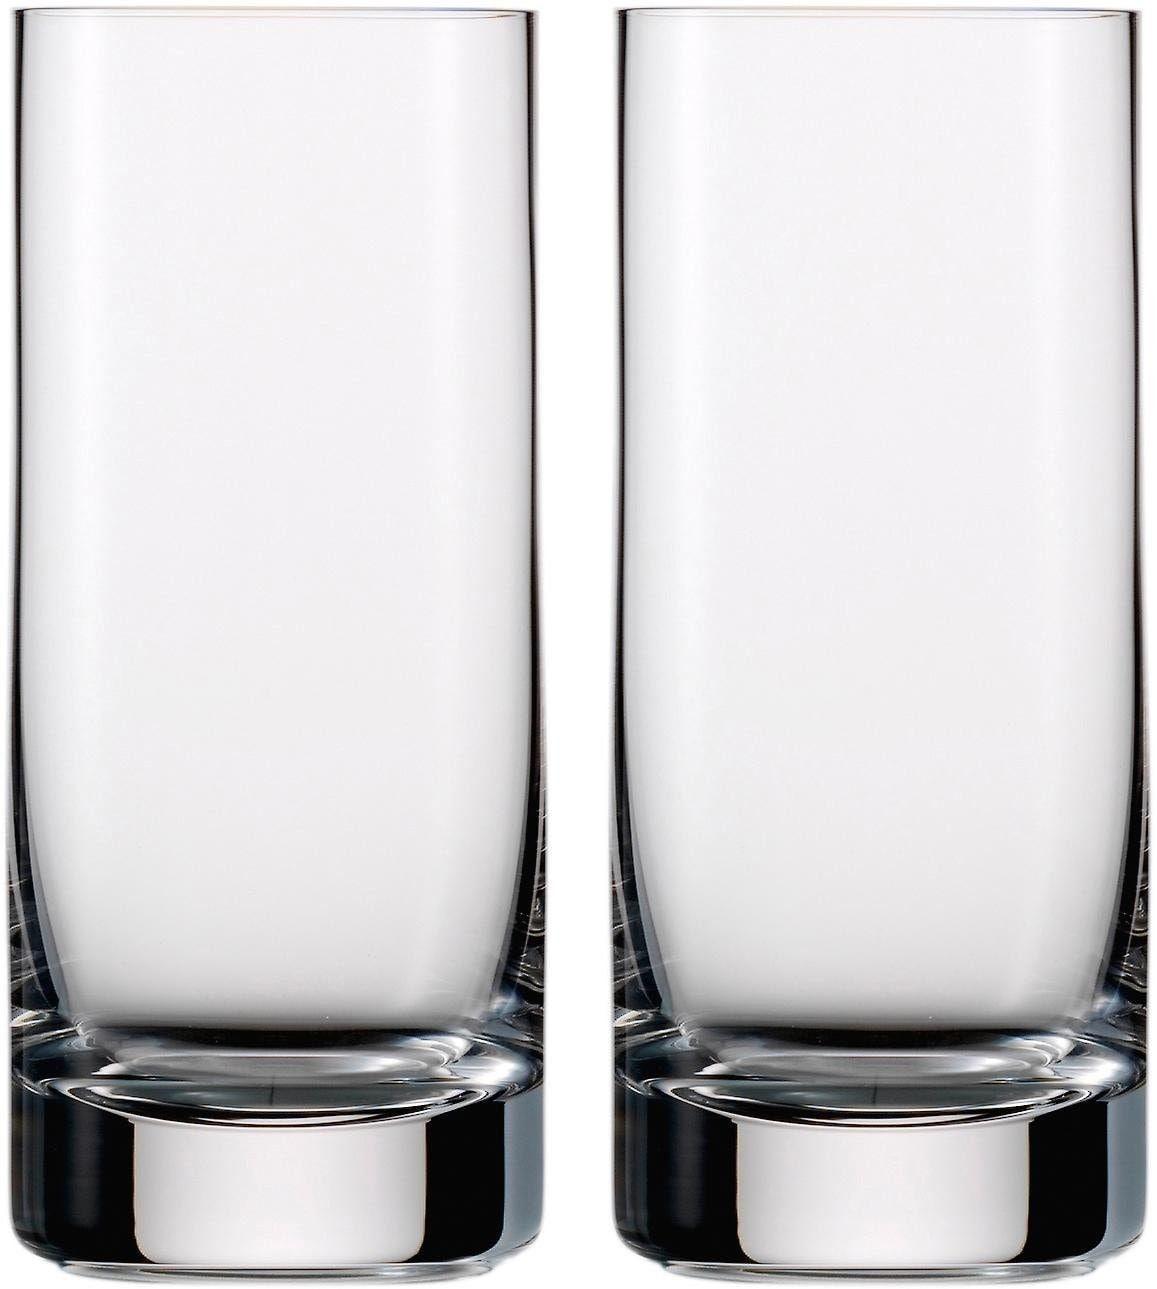 Eisch Longdrinkglas Jeunesse, (Set, 2 tlg.), mundgeblasenes Kristallglas, 460 ml farblos Kristallgläser Gläser Glaswaren Haushaltswaren